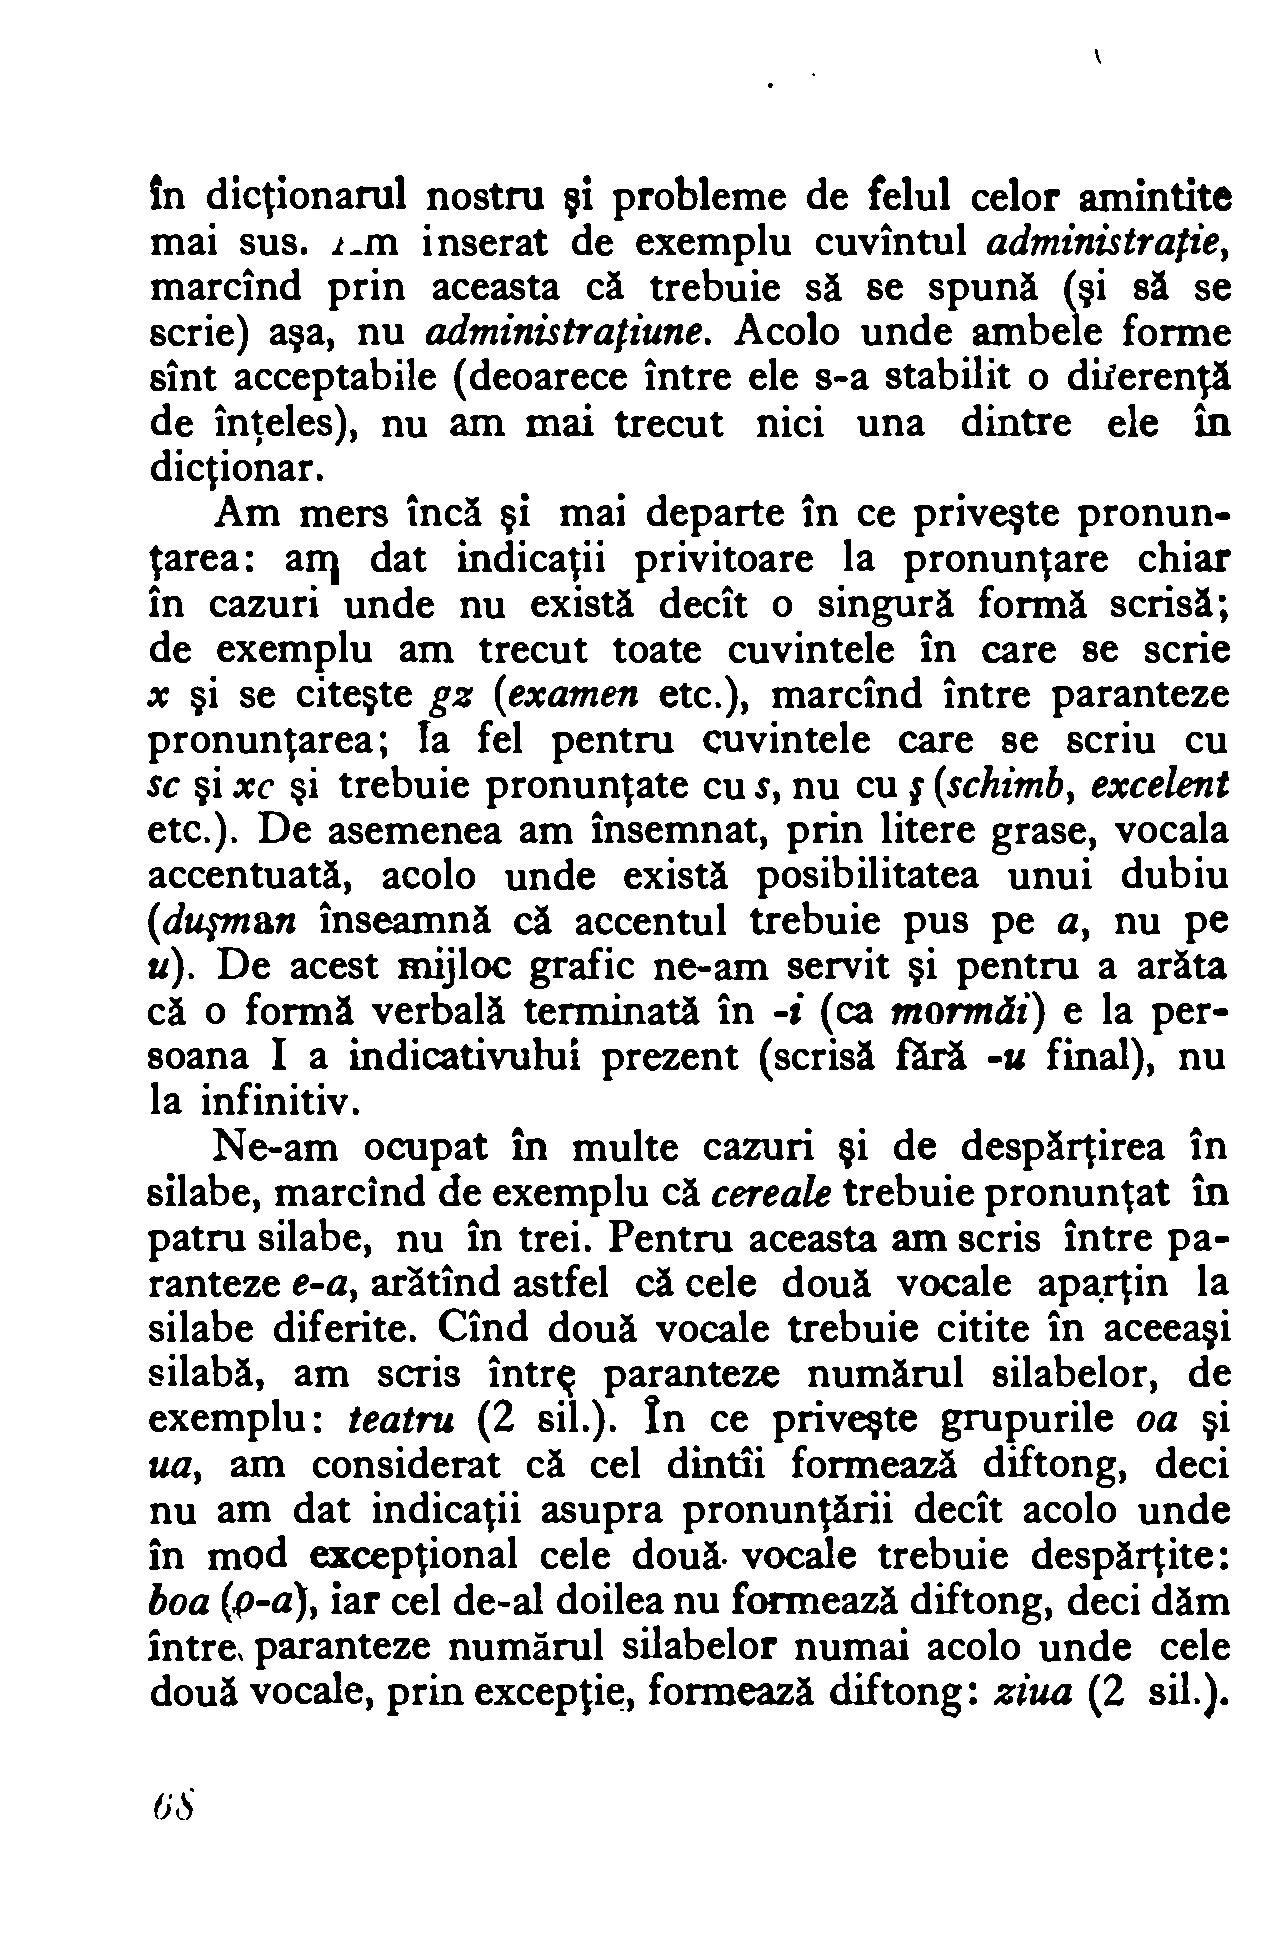 1954 - Mic dicționar ortografic (65).png